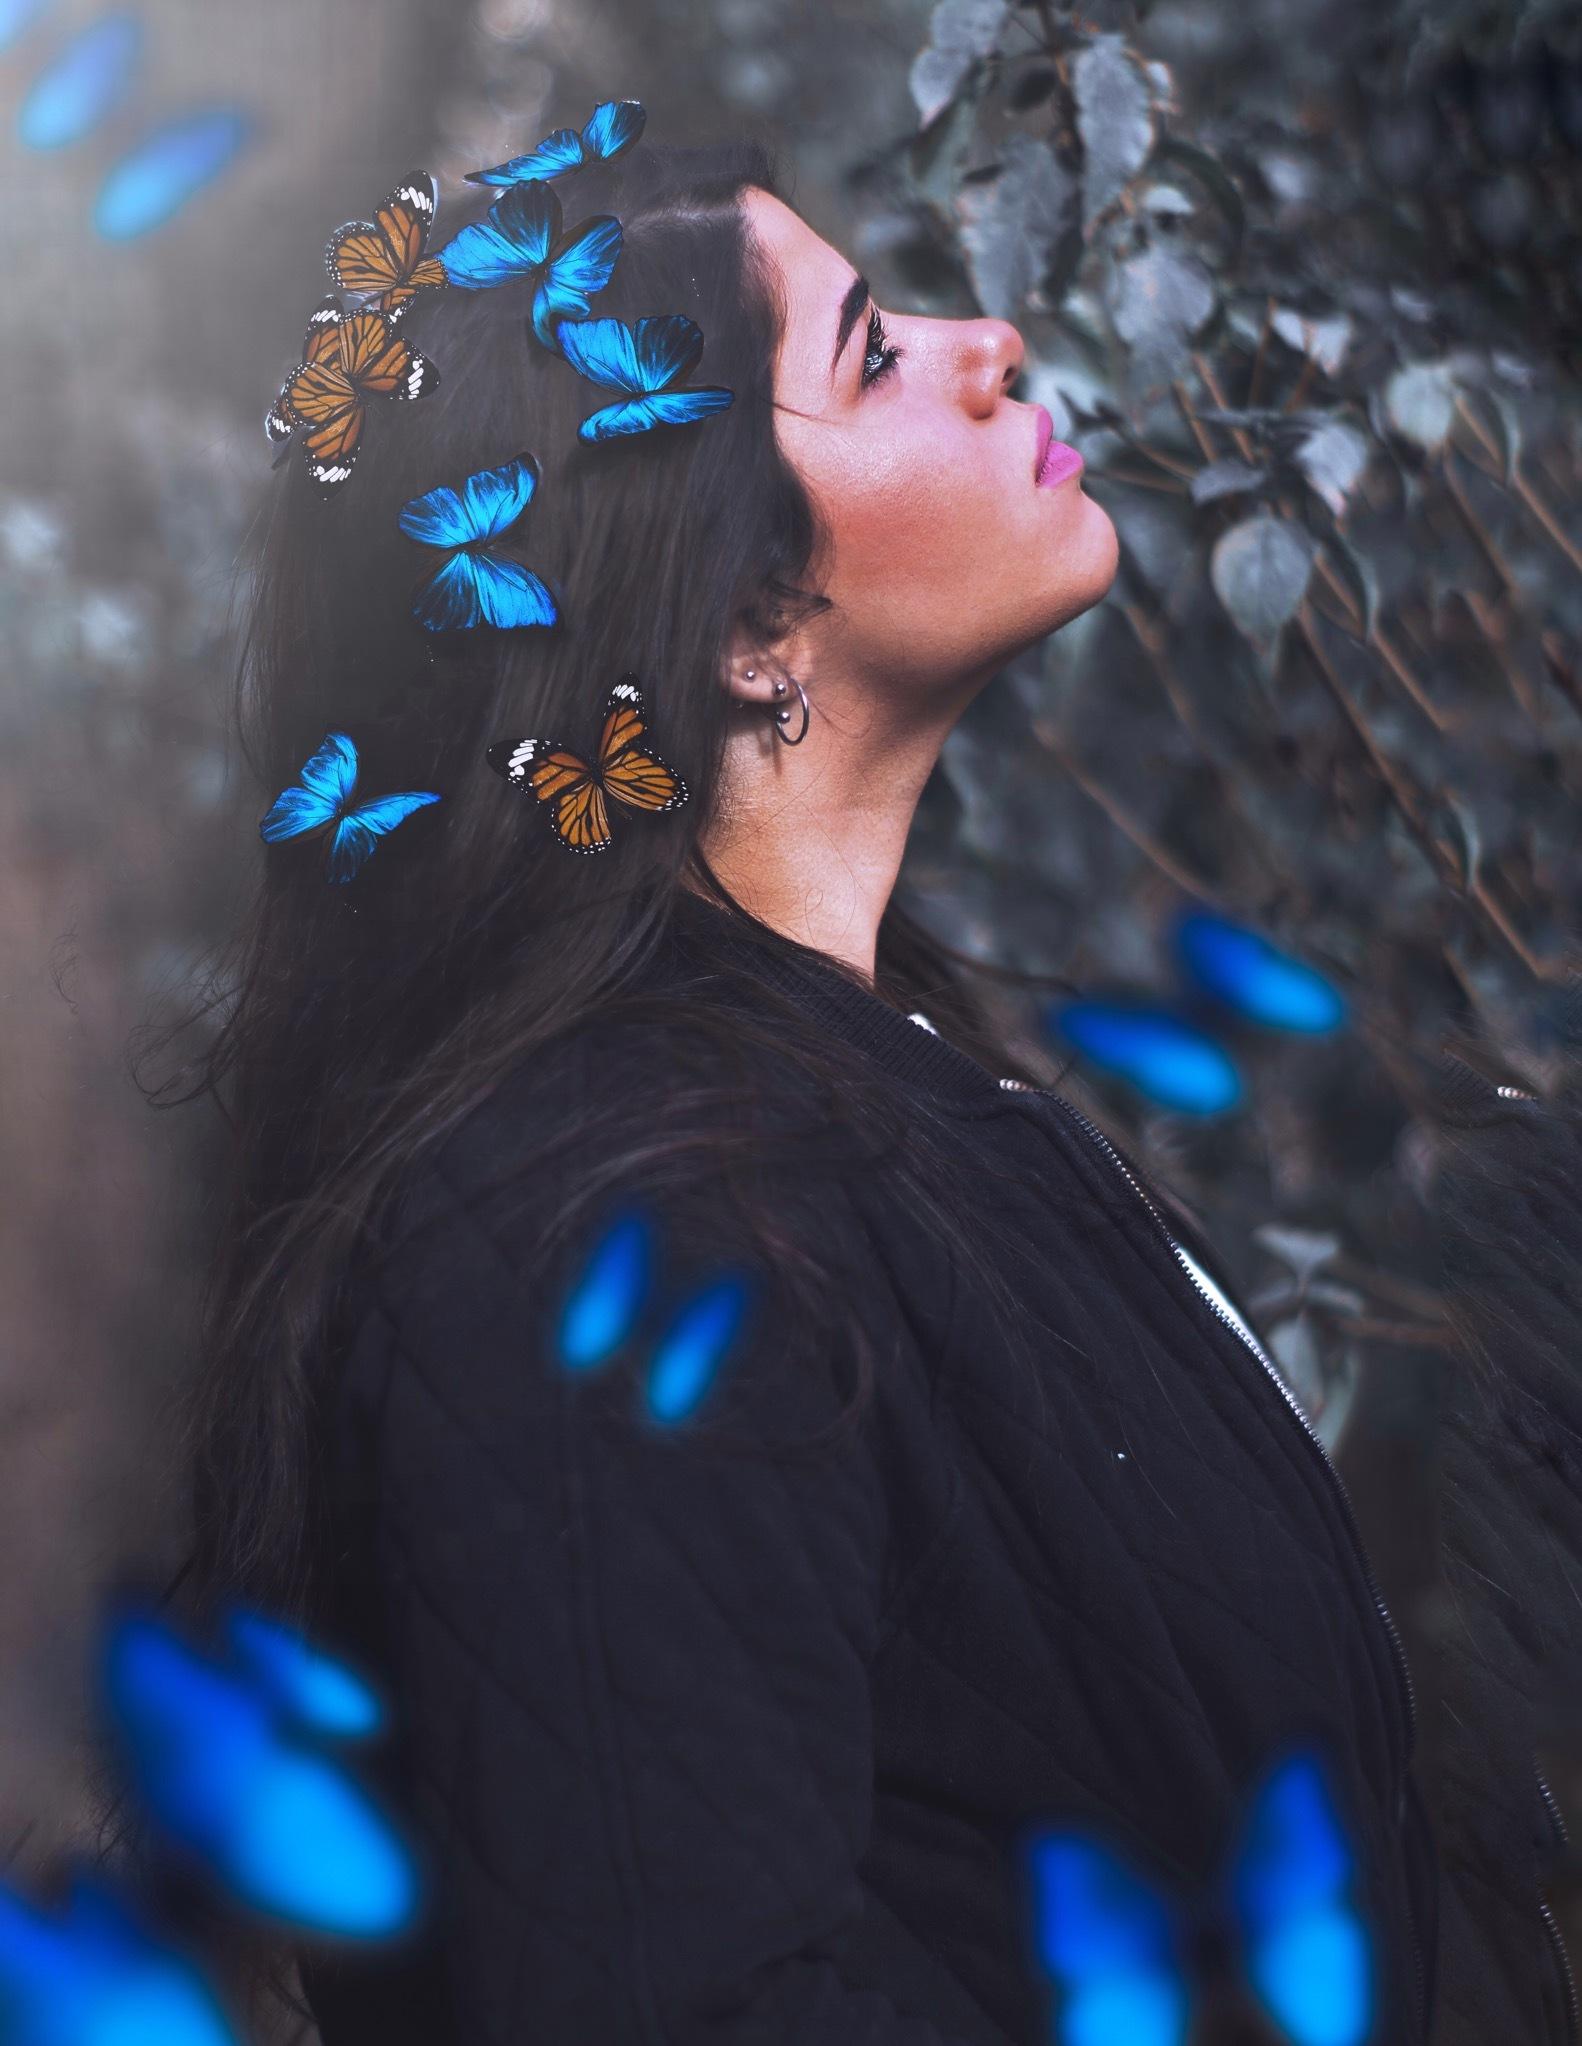 Butterflies by Dina Tarek